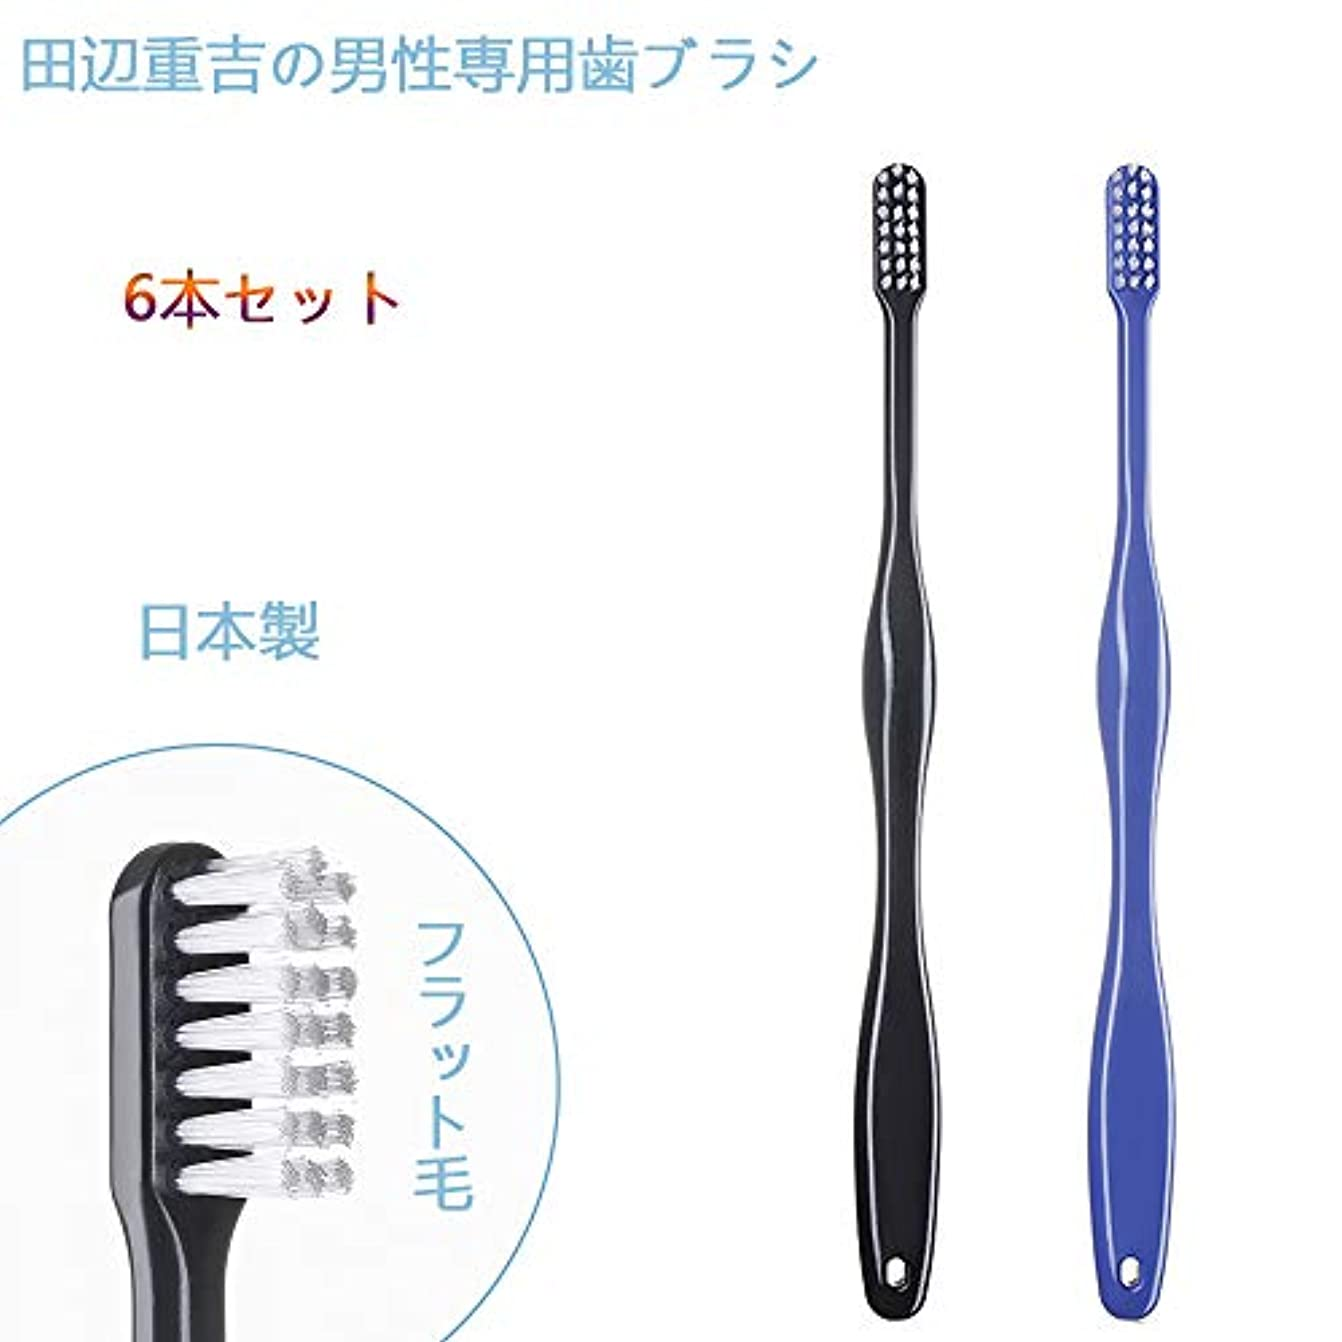 敬の念名門クーポン歯ブラシ職人 Artooth ® 田辺重吉の磨きやすい 男性専用 歯ブラシ MEN' S 日本製 耐久性UP 6本セットLT-08(色おまかせ)